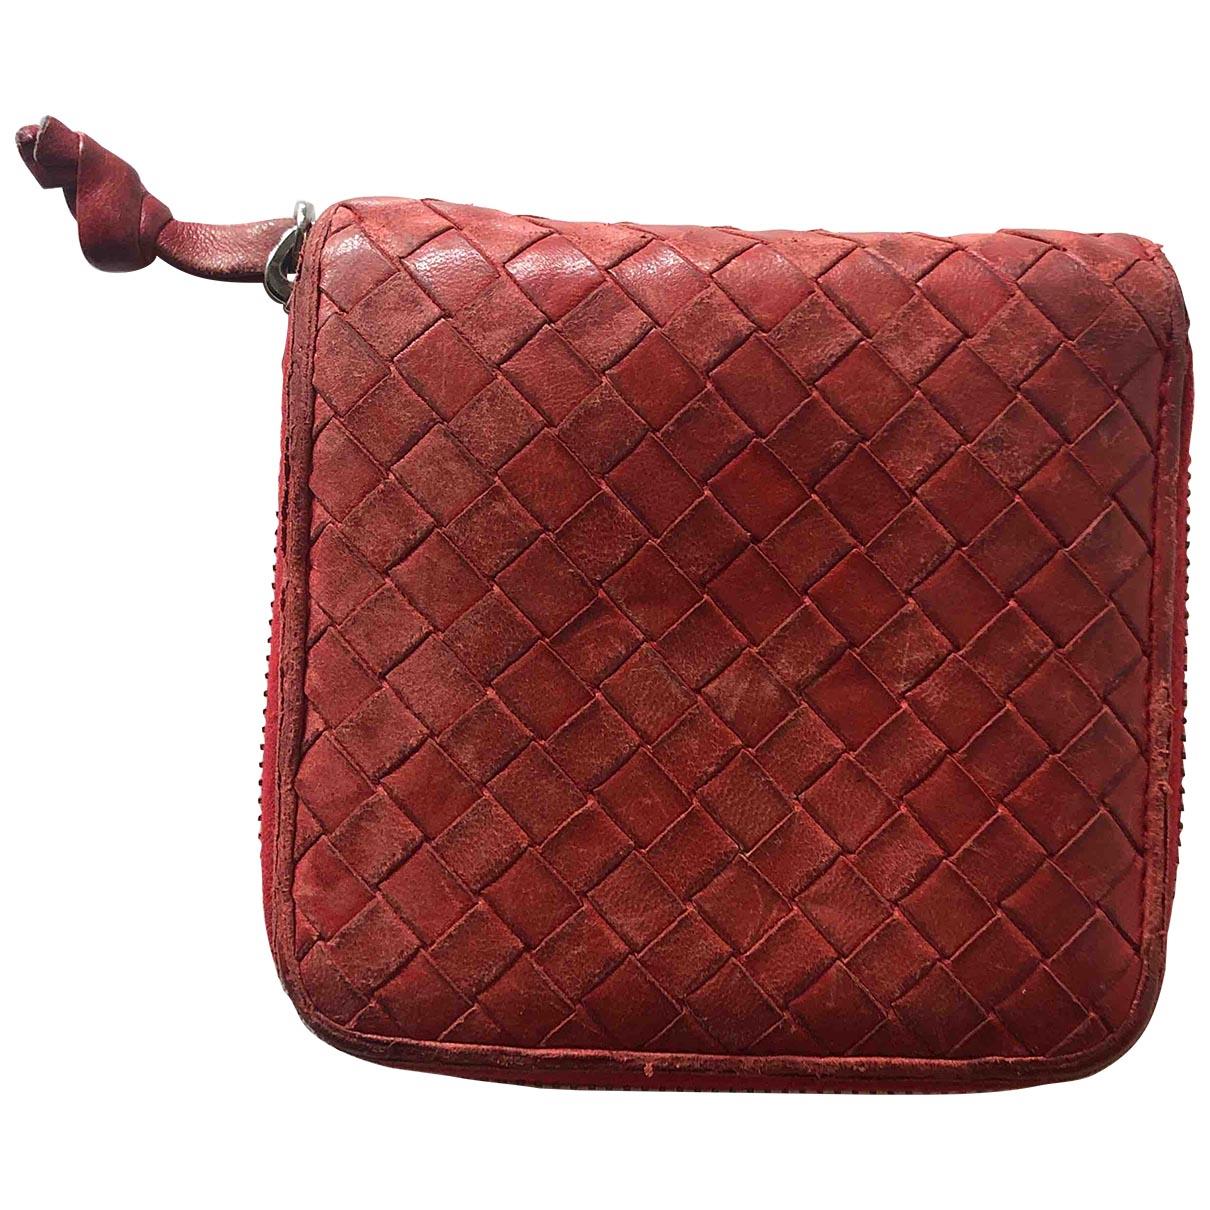 Bottega Veneta Intrecciato Portemonnaie in  Rot Leder